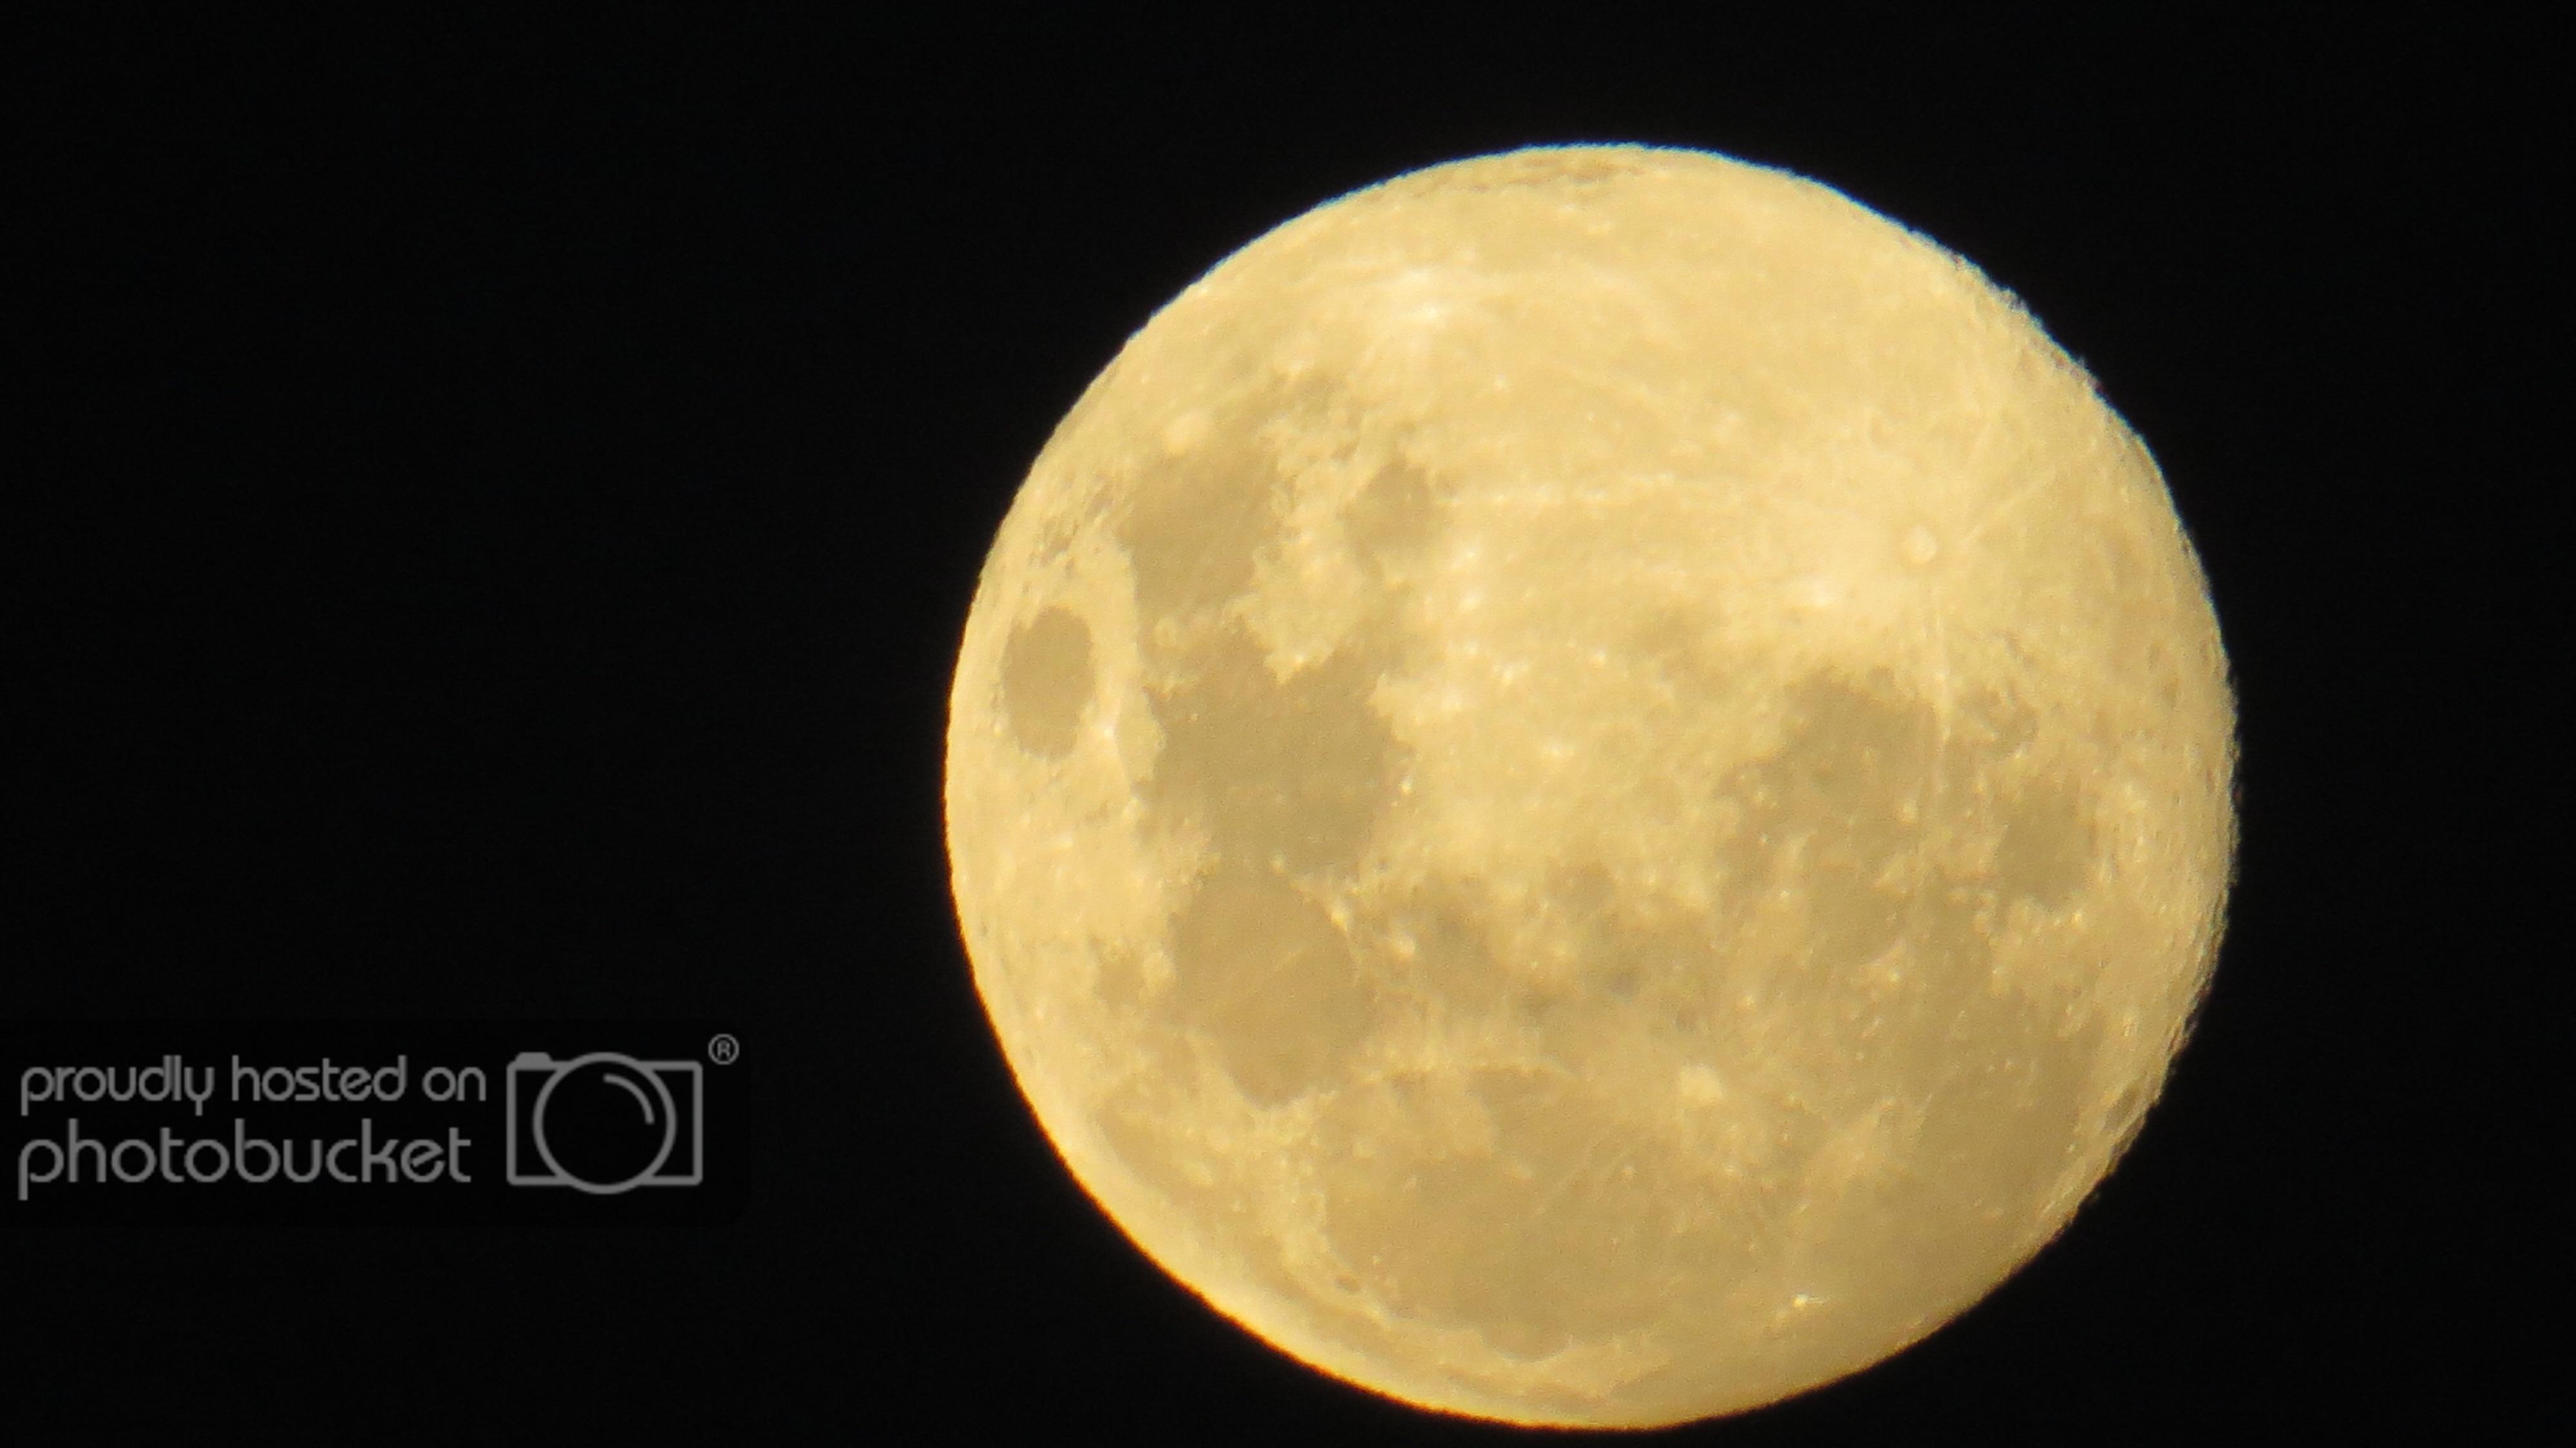 IMG_5630 Moon Patrick_zps9lgskr2x.jpg